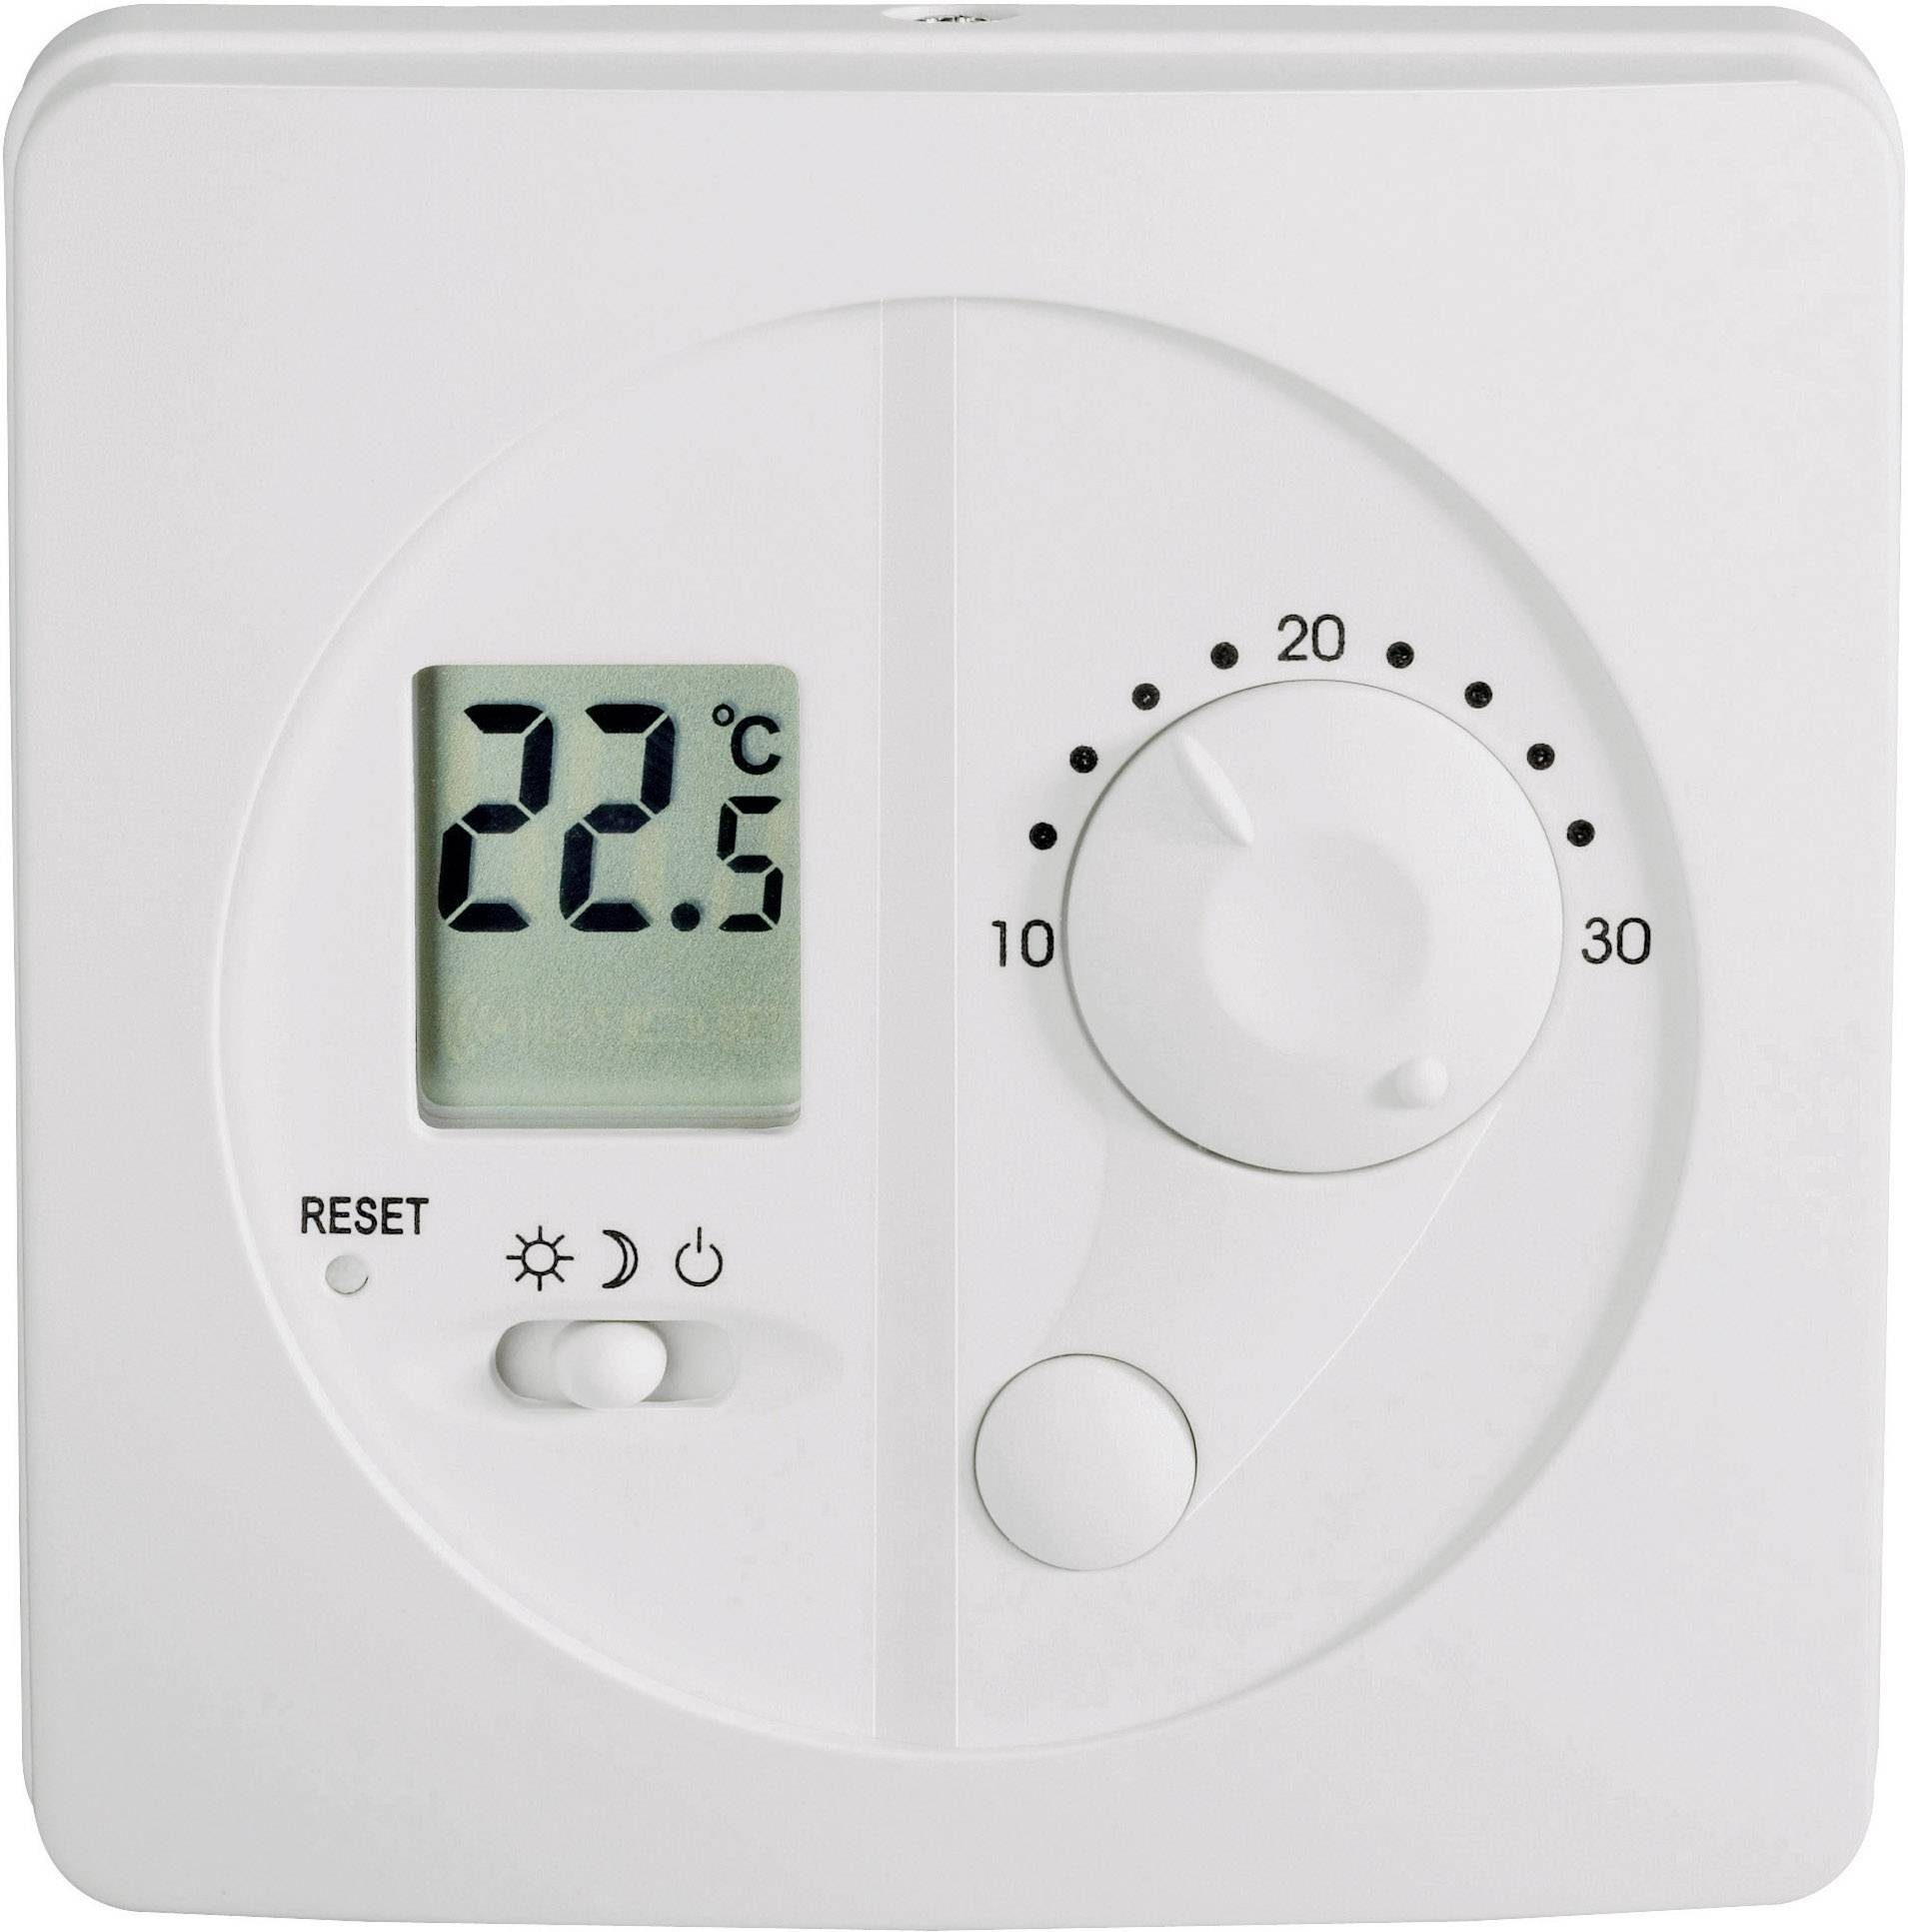 Nástenný izbový termostat s LCD, 10 až 30 °C, biely